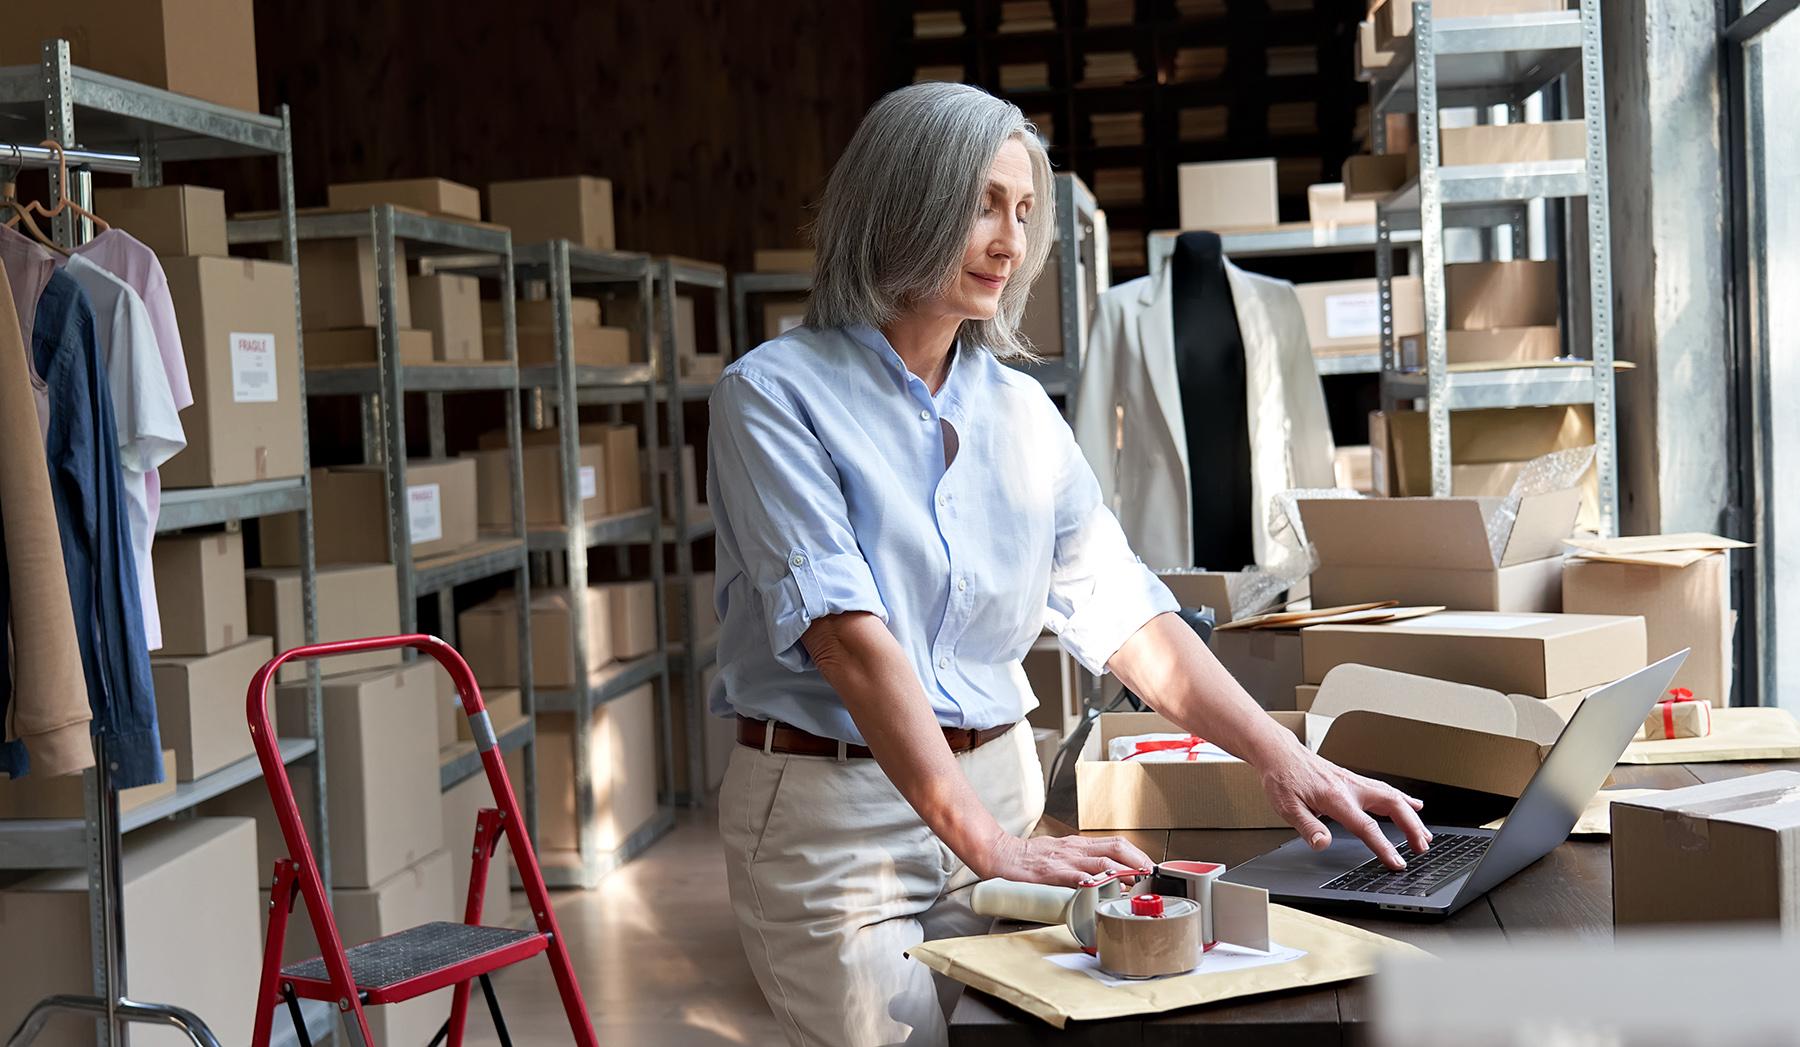 Descubra la mejor manera de enviar productos y administrarlos con su tienda en línea.